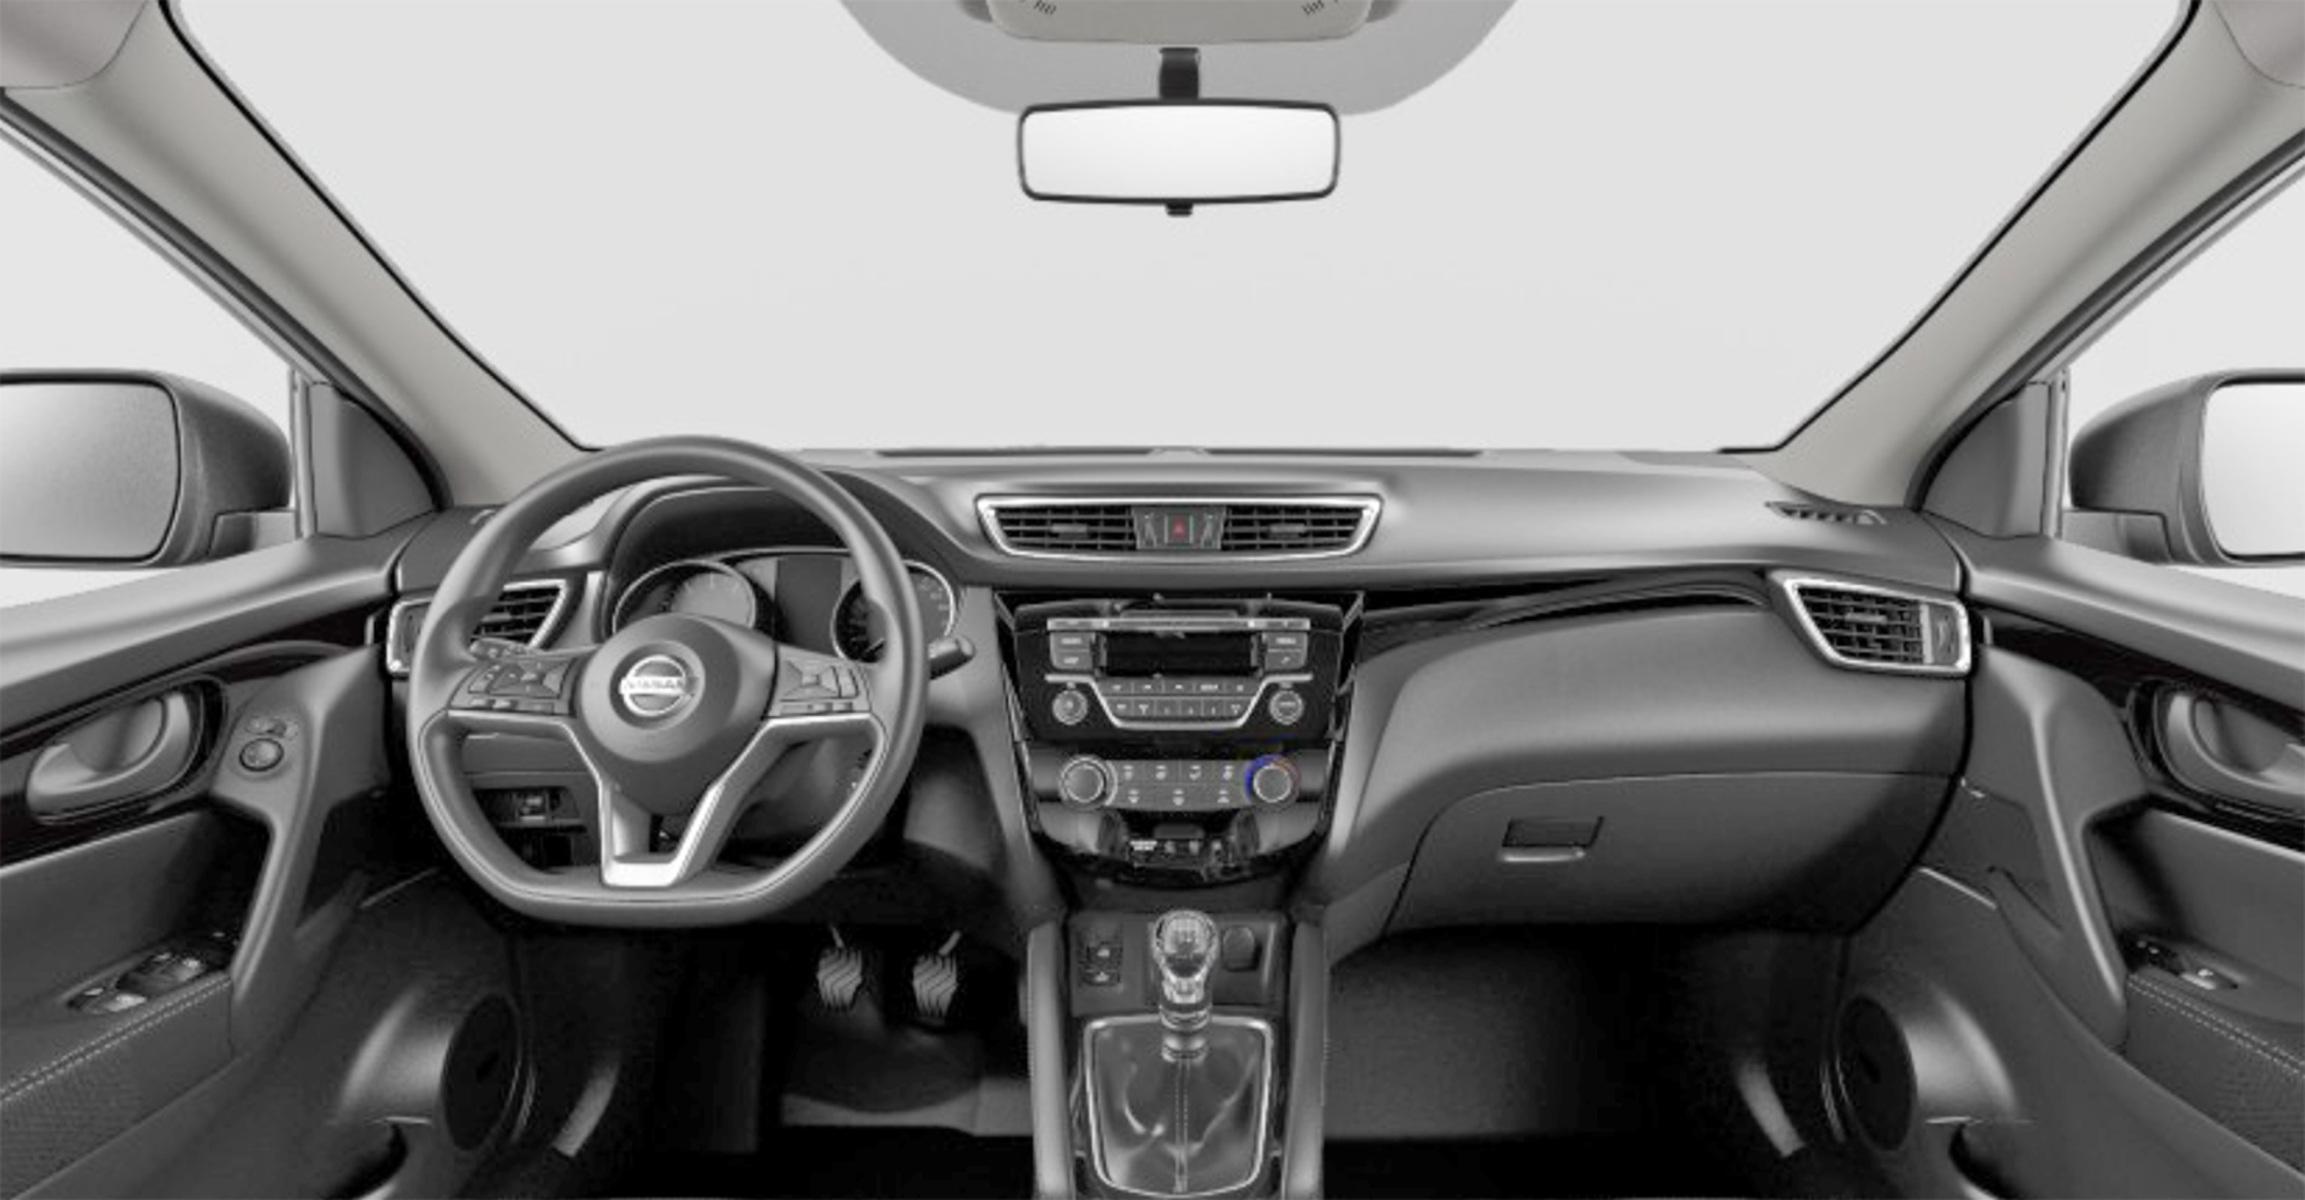 2016 Nissan Juke >> Listino Nissan Qashqai prezzo - scheda tecnica - consumi - foto - AlVolante.it